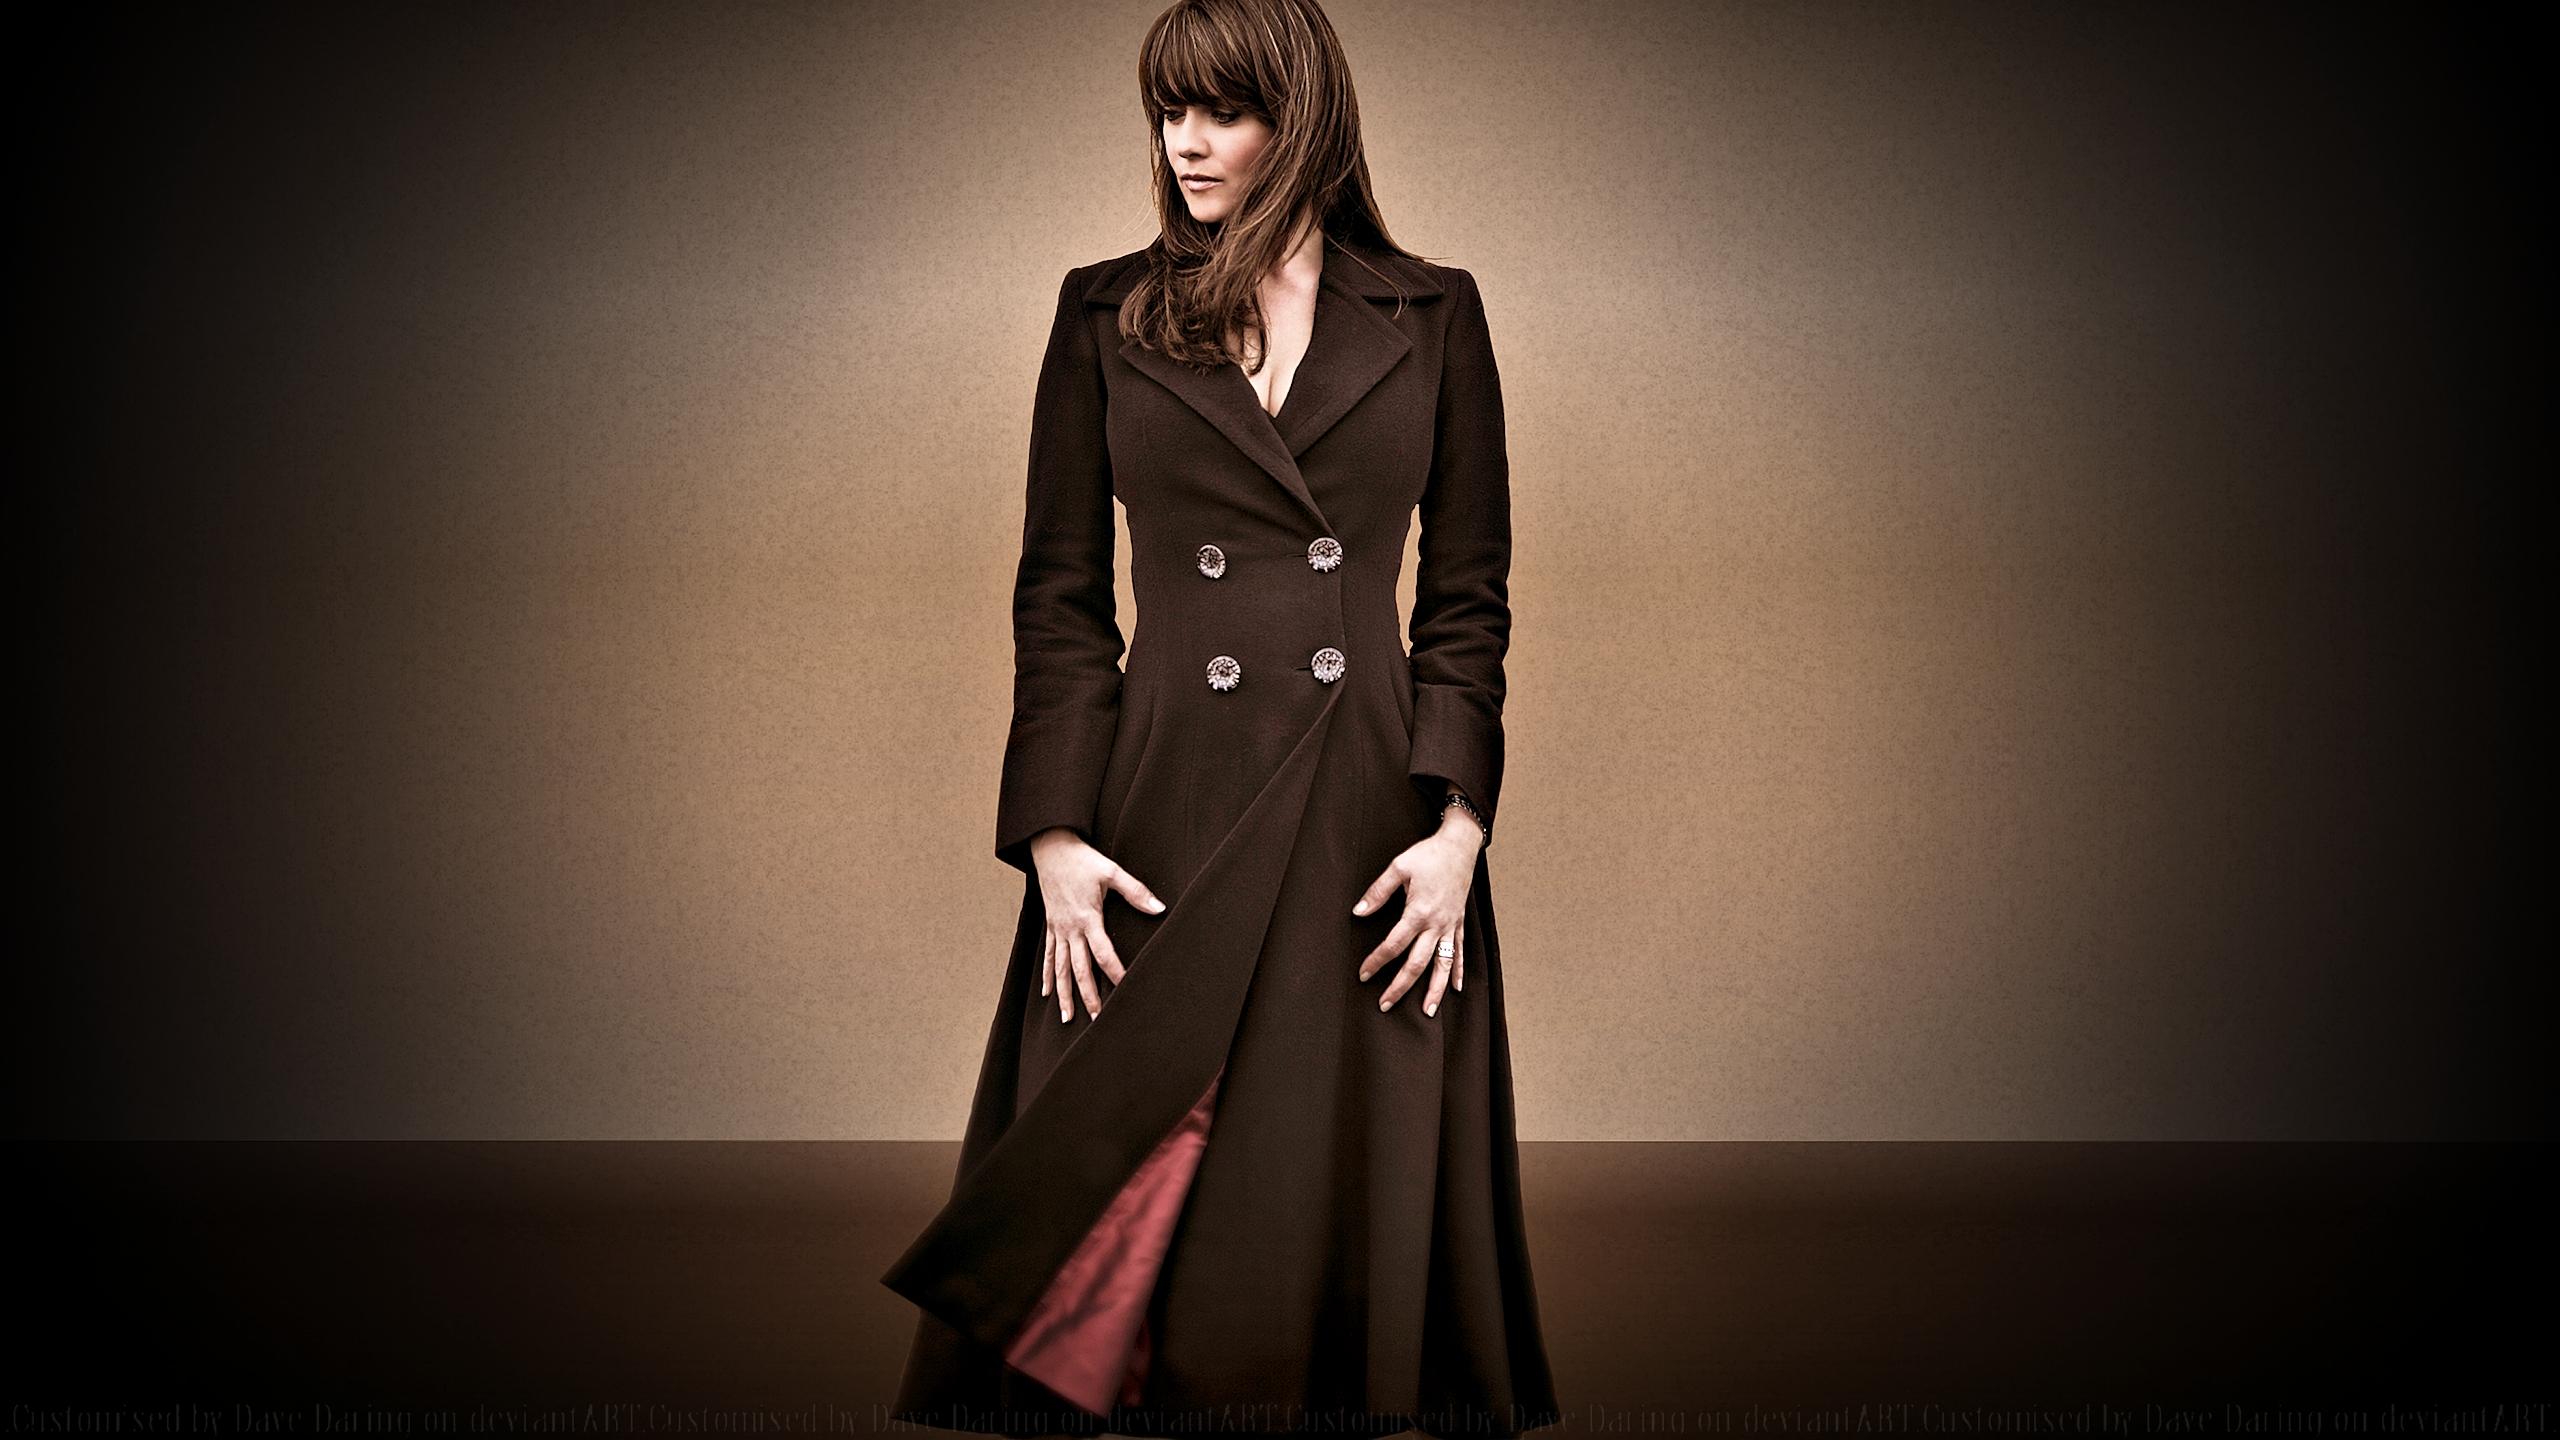 Amanda Tapping Tone by Dave-Daring